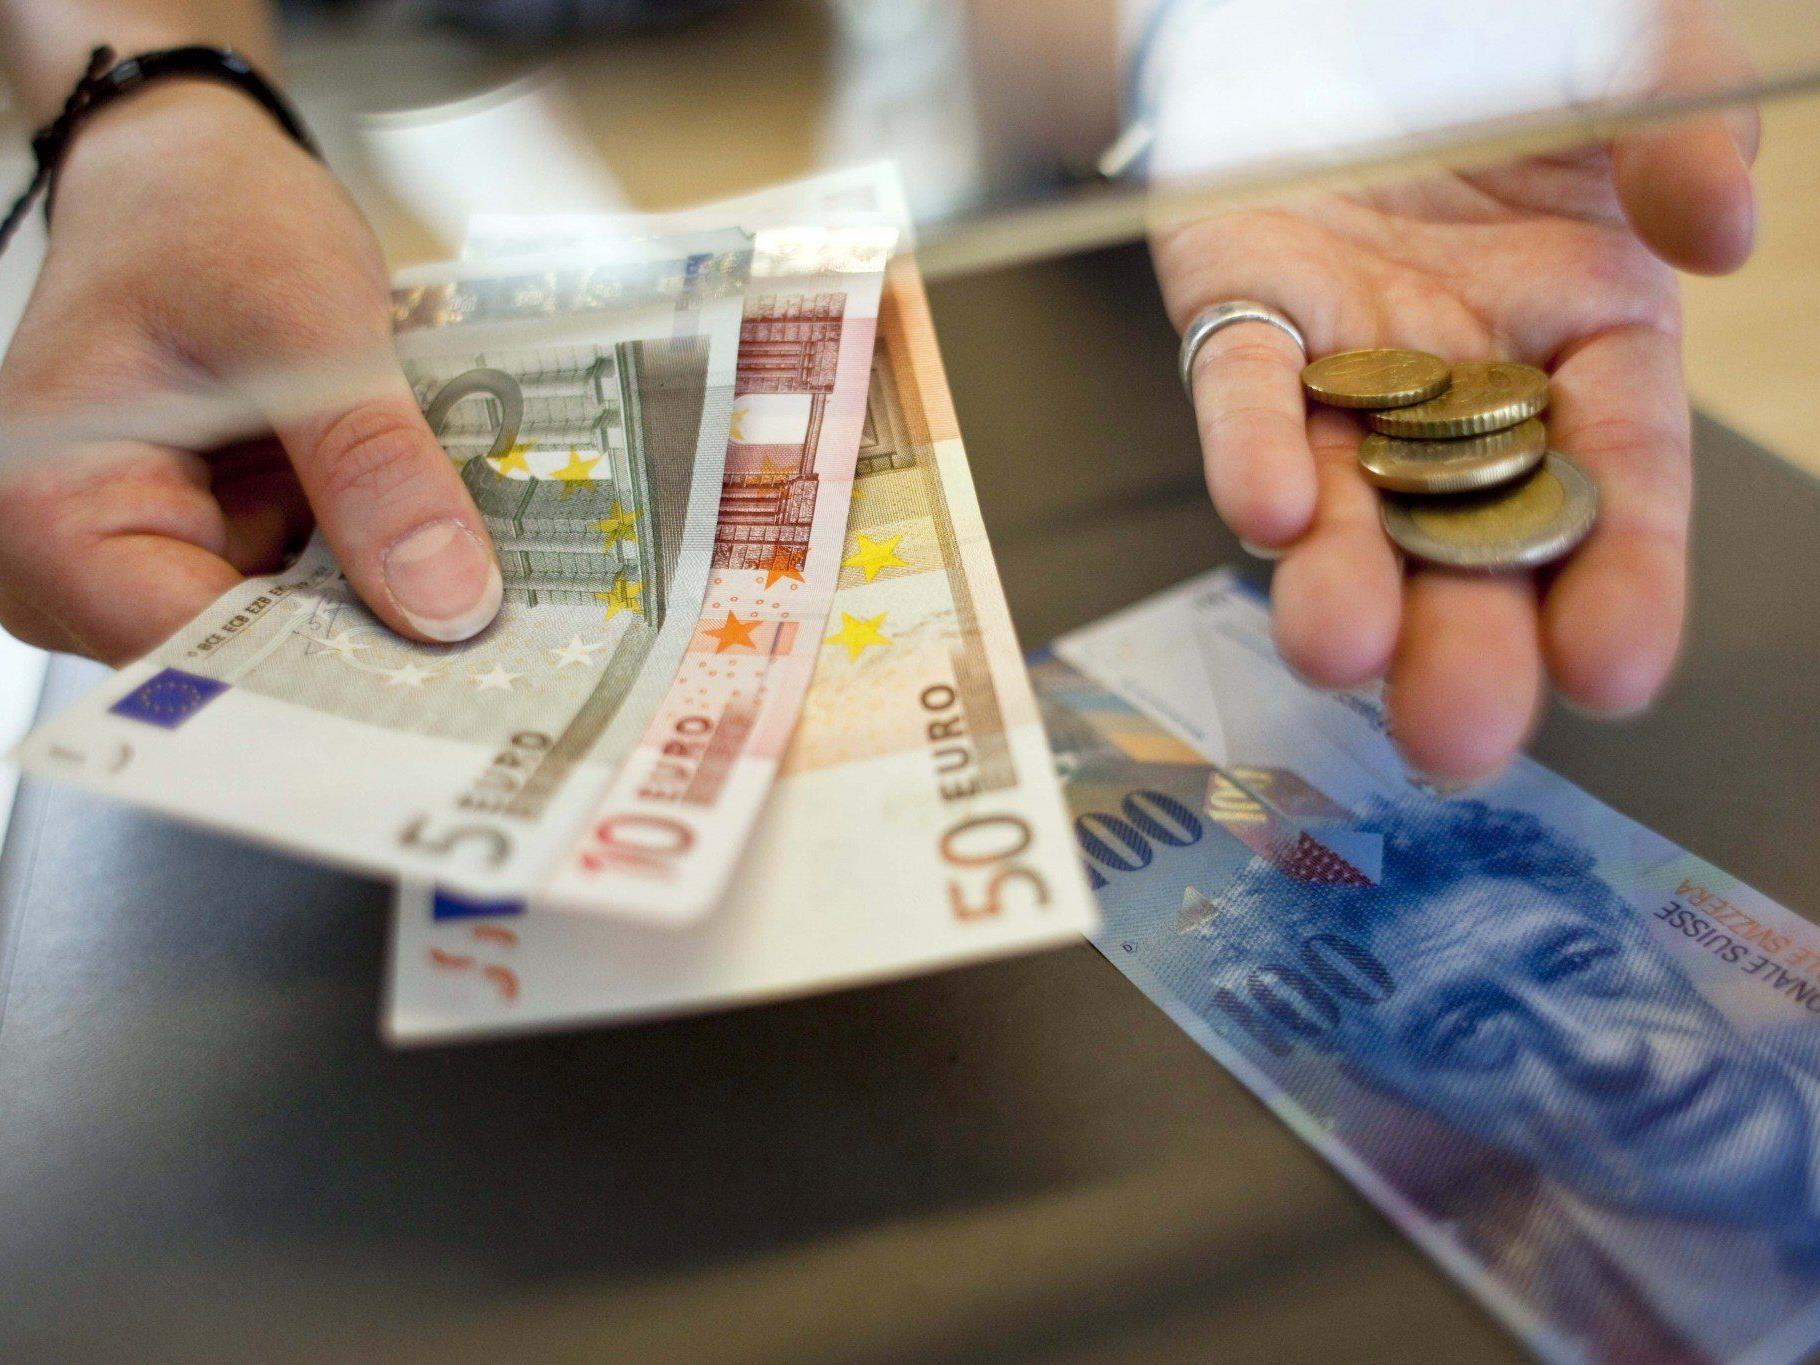 FMA: Aushaftendes Volumen privater Haushalte spürbar gesunken.